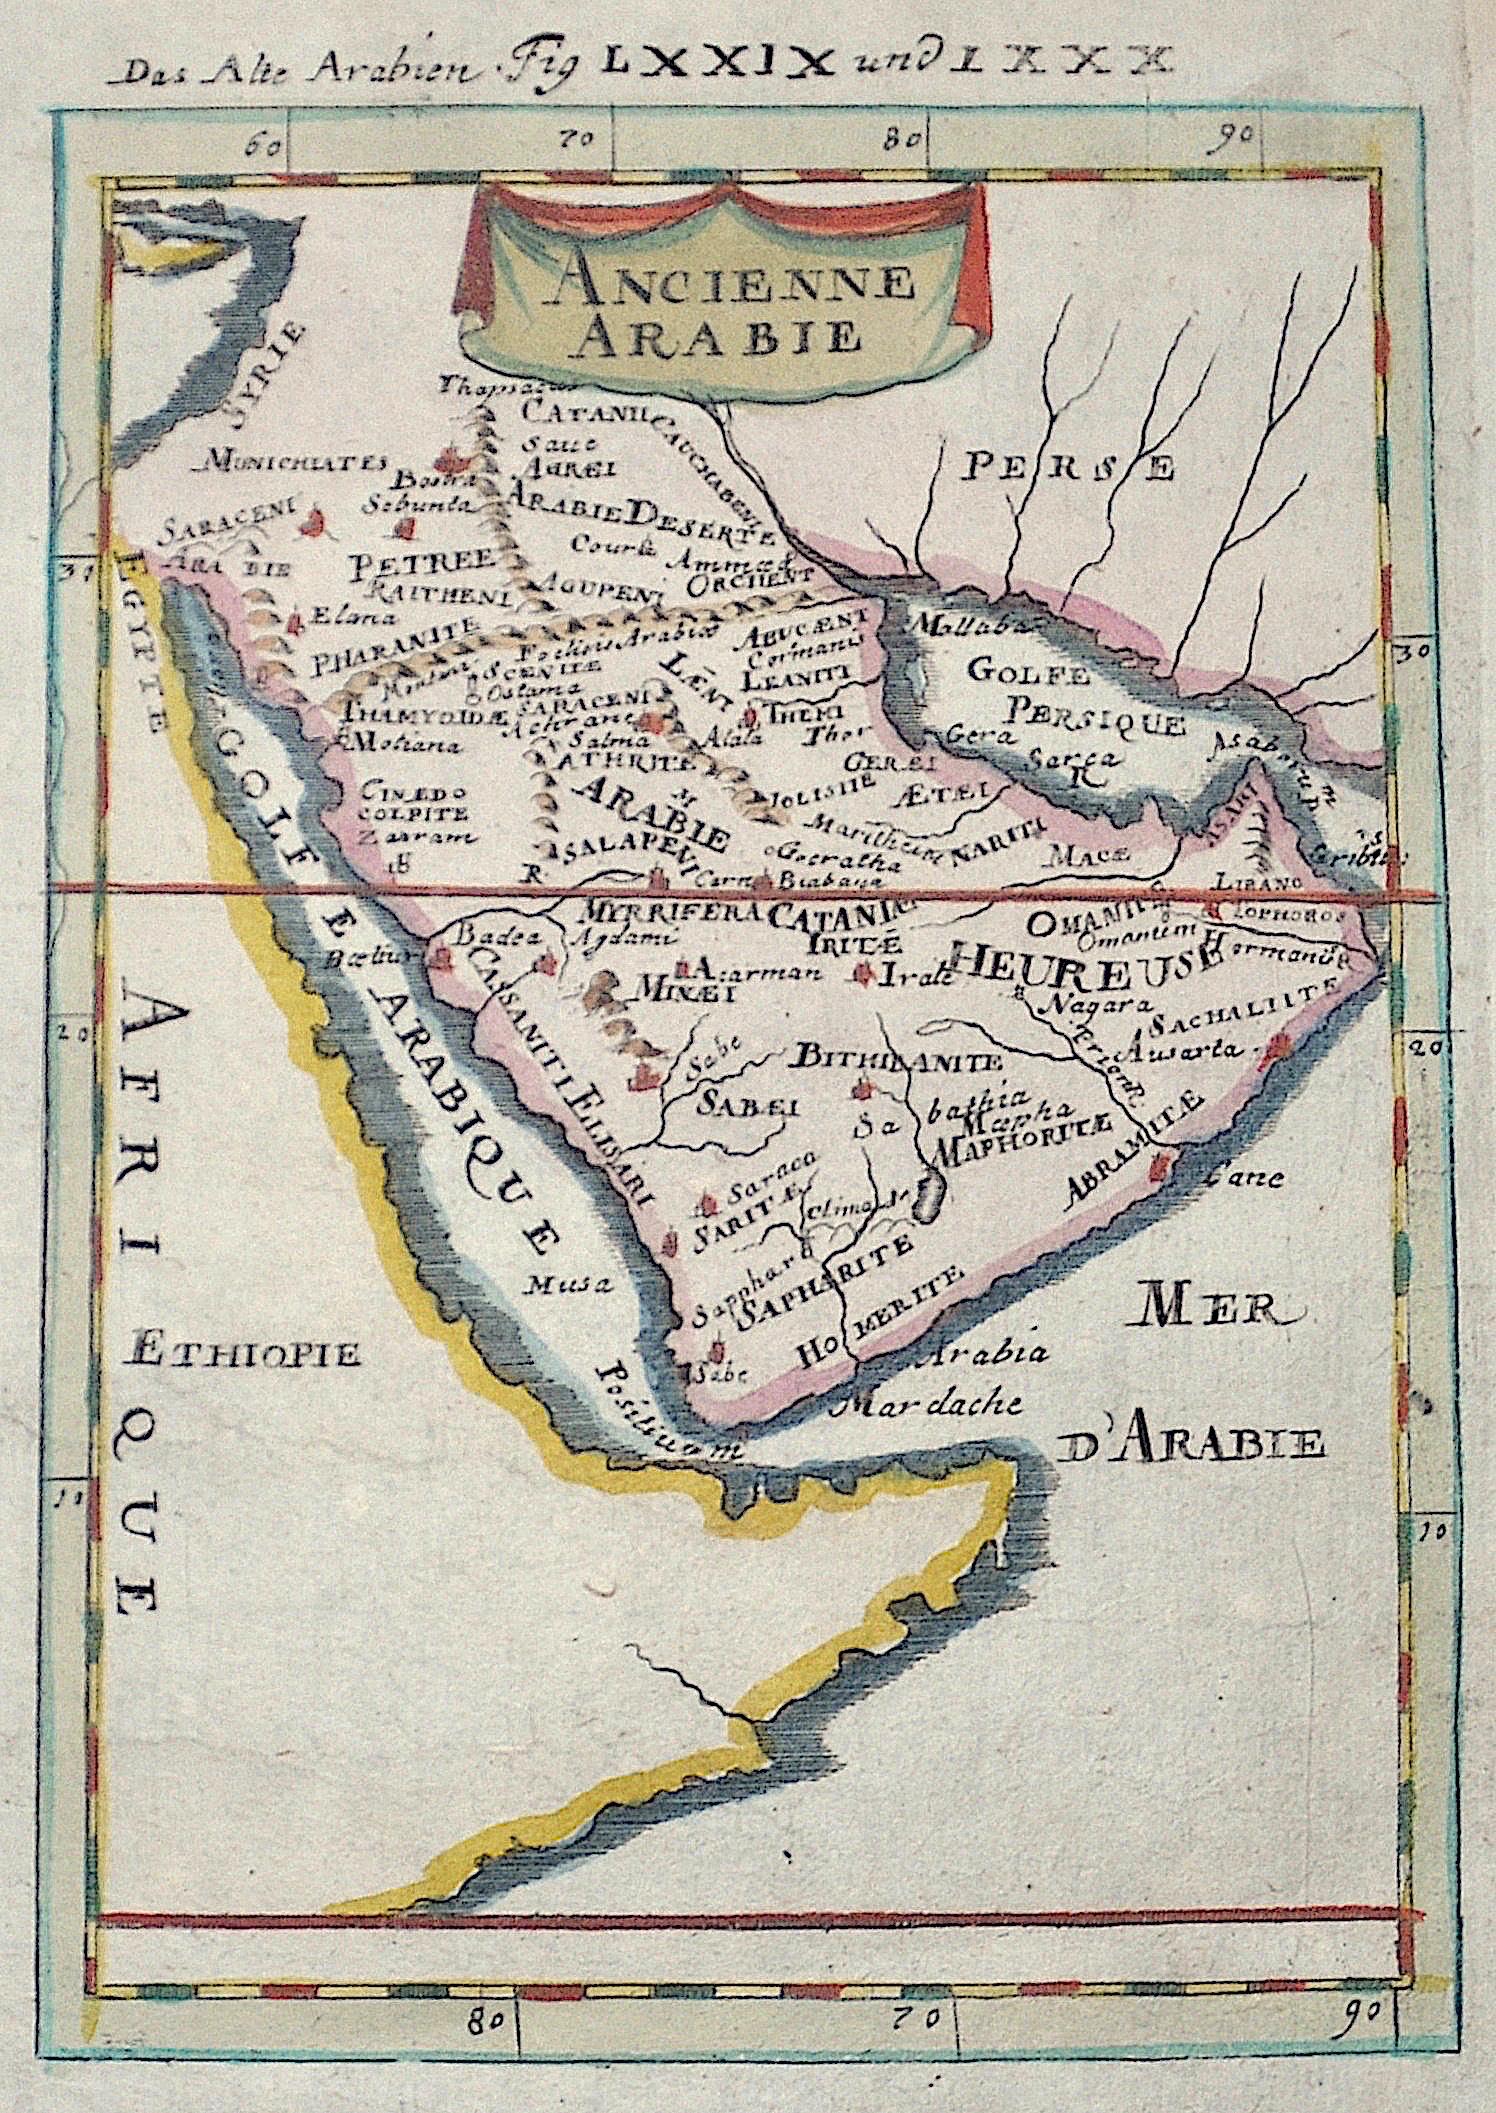 Mallet  Das Alte Arabien Fig LXXIX und LXXX /Ancienne Arabie